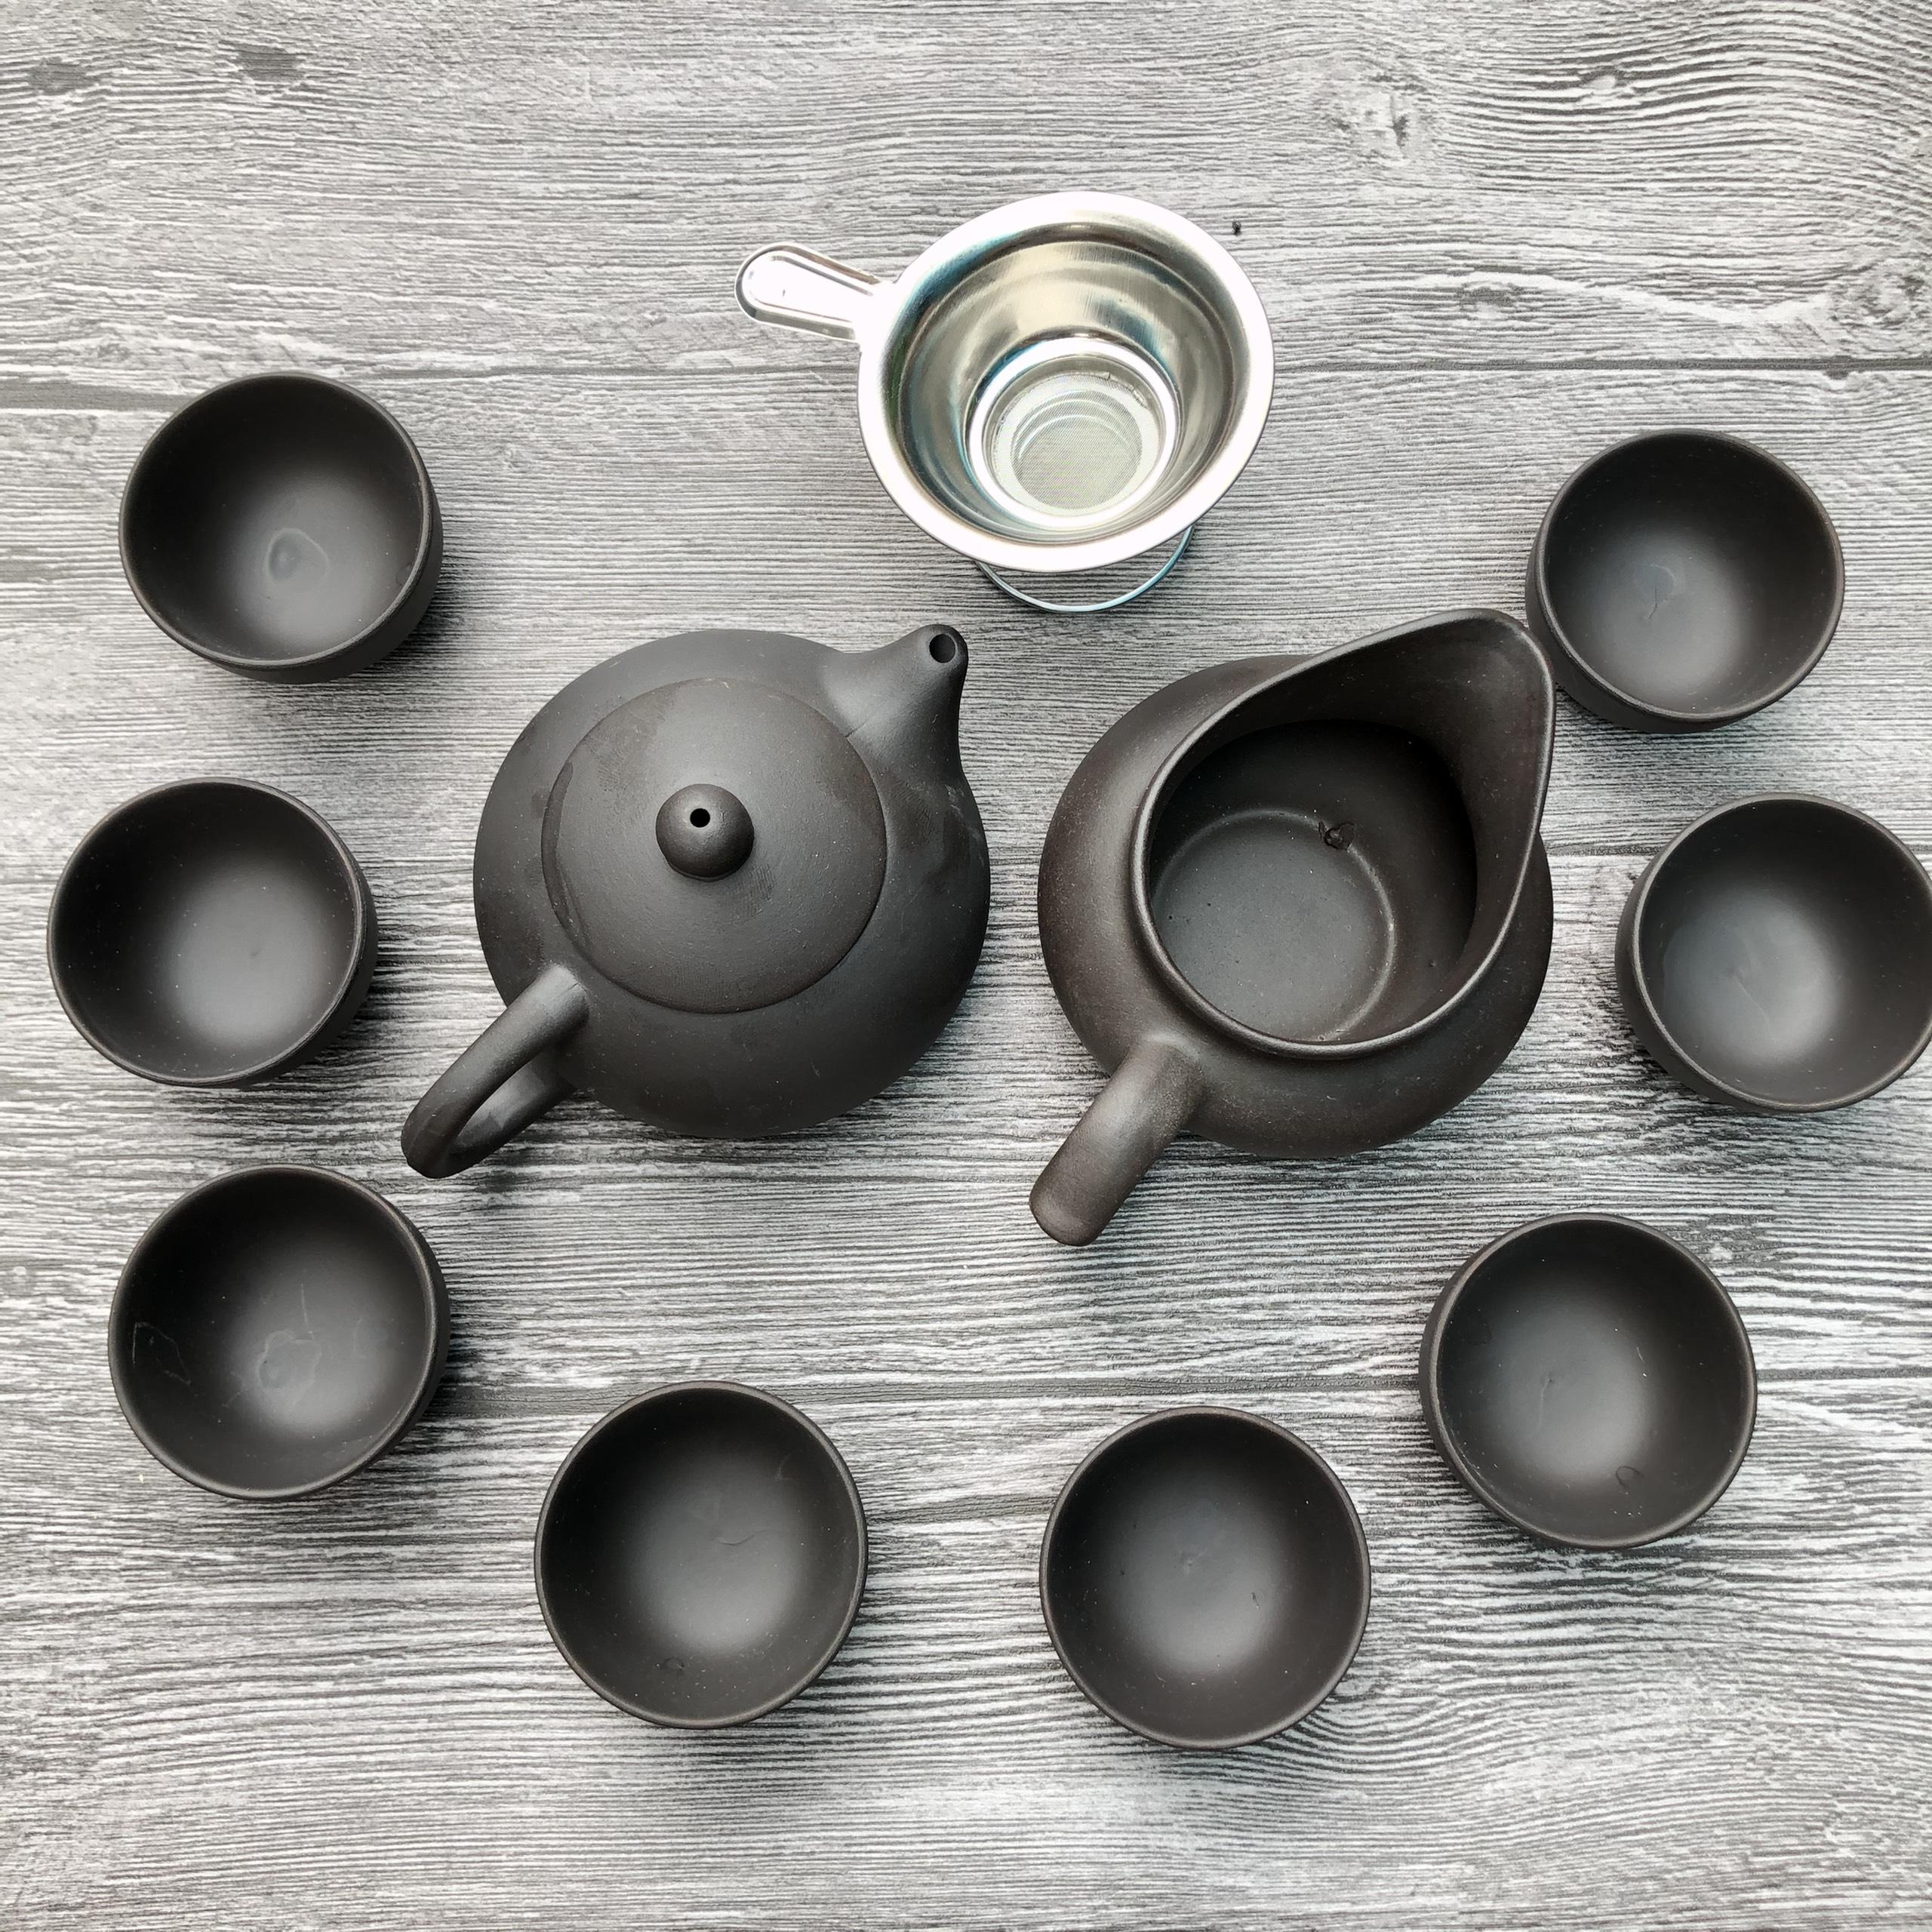 Bộ tách trà đất nung kèm lọc trà nhôm